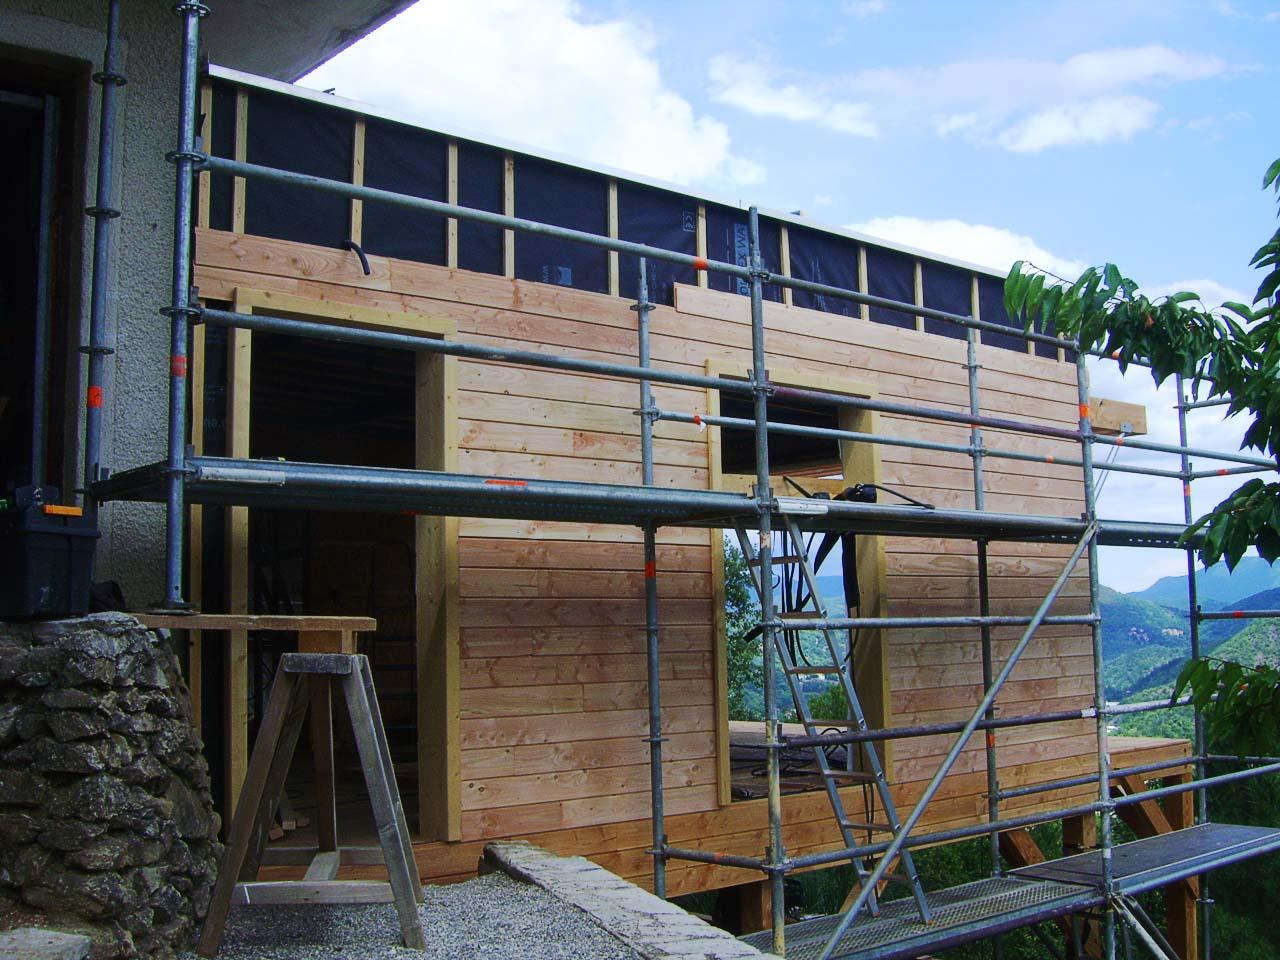 Maison ossature bois le vigan boiseco construction for Construction maison bois 56